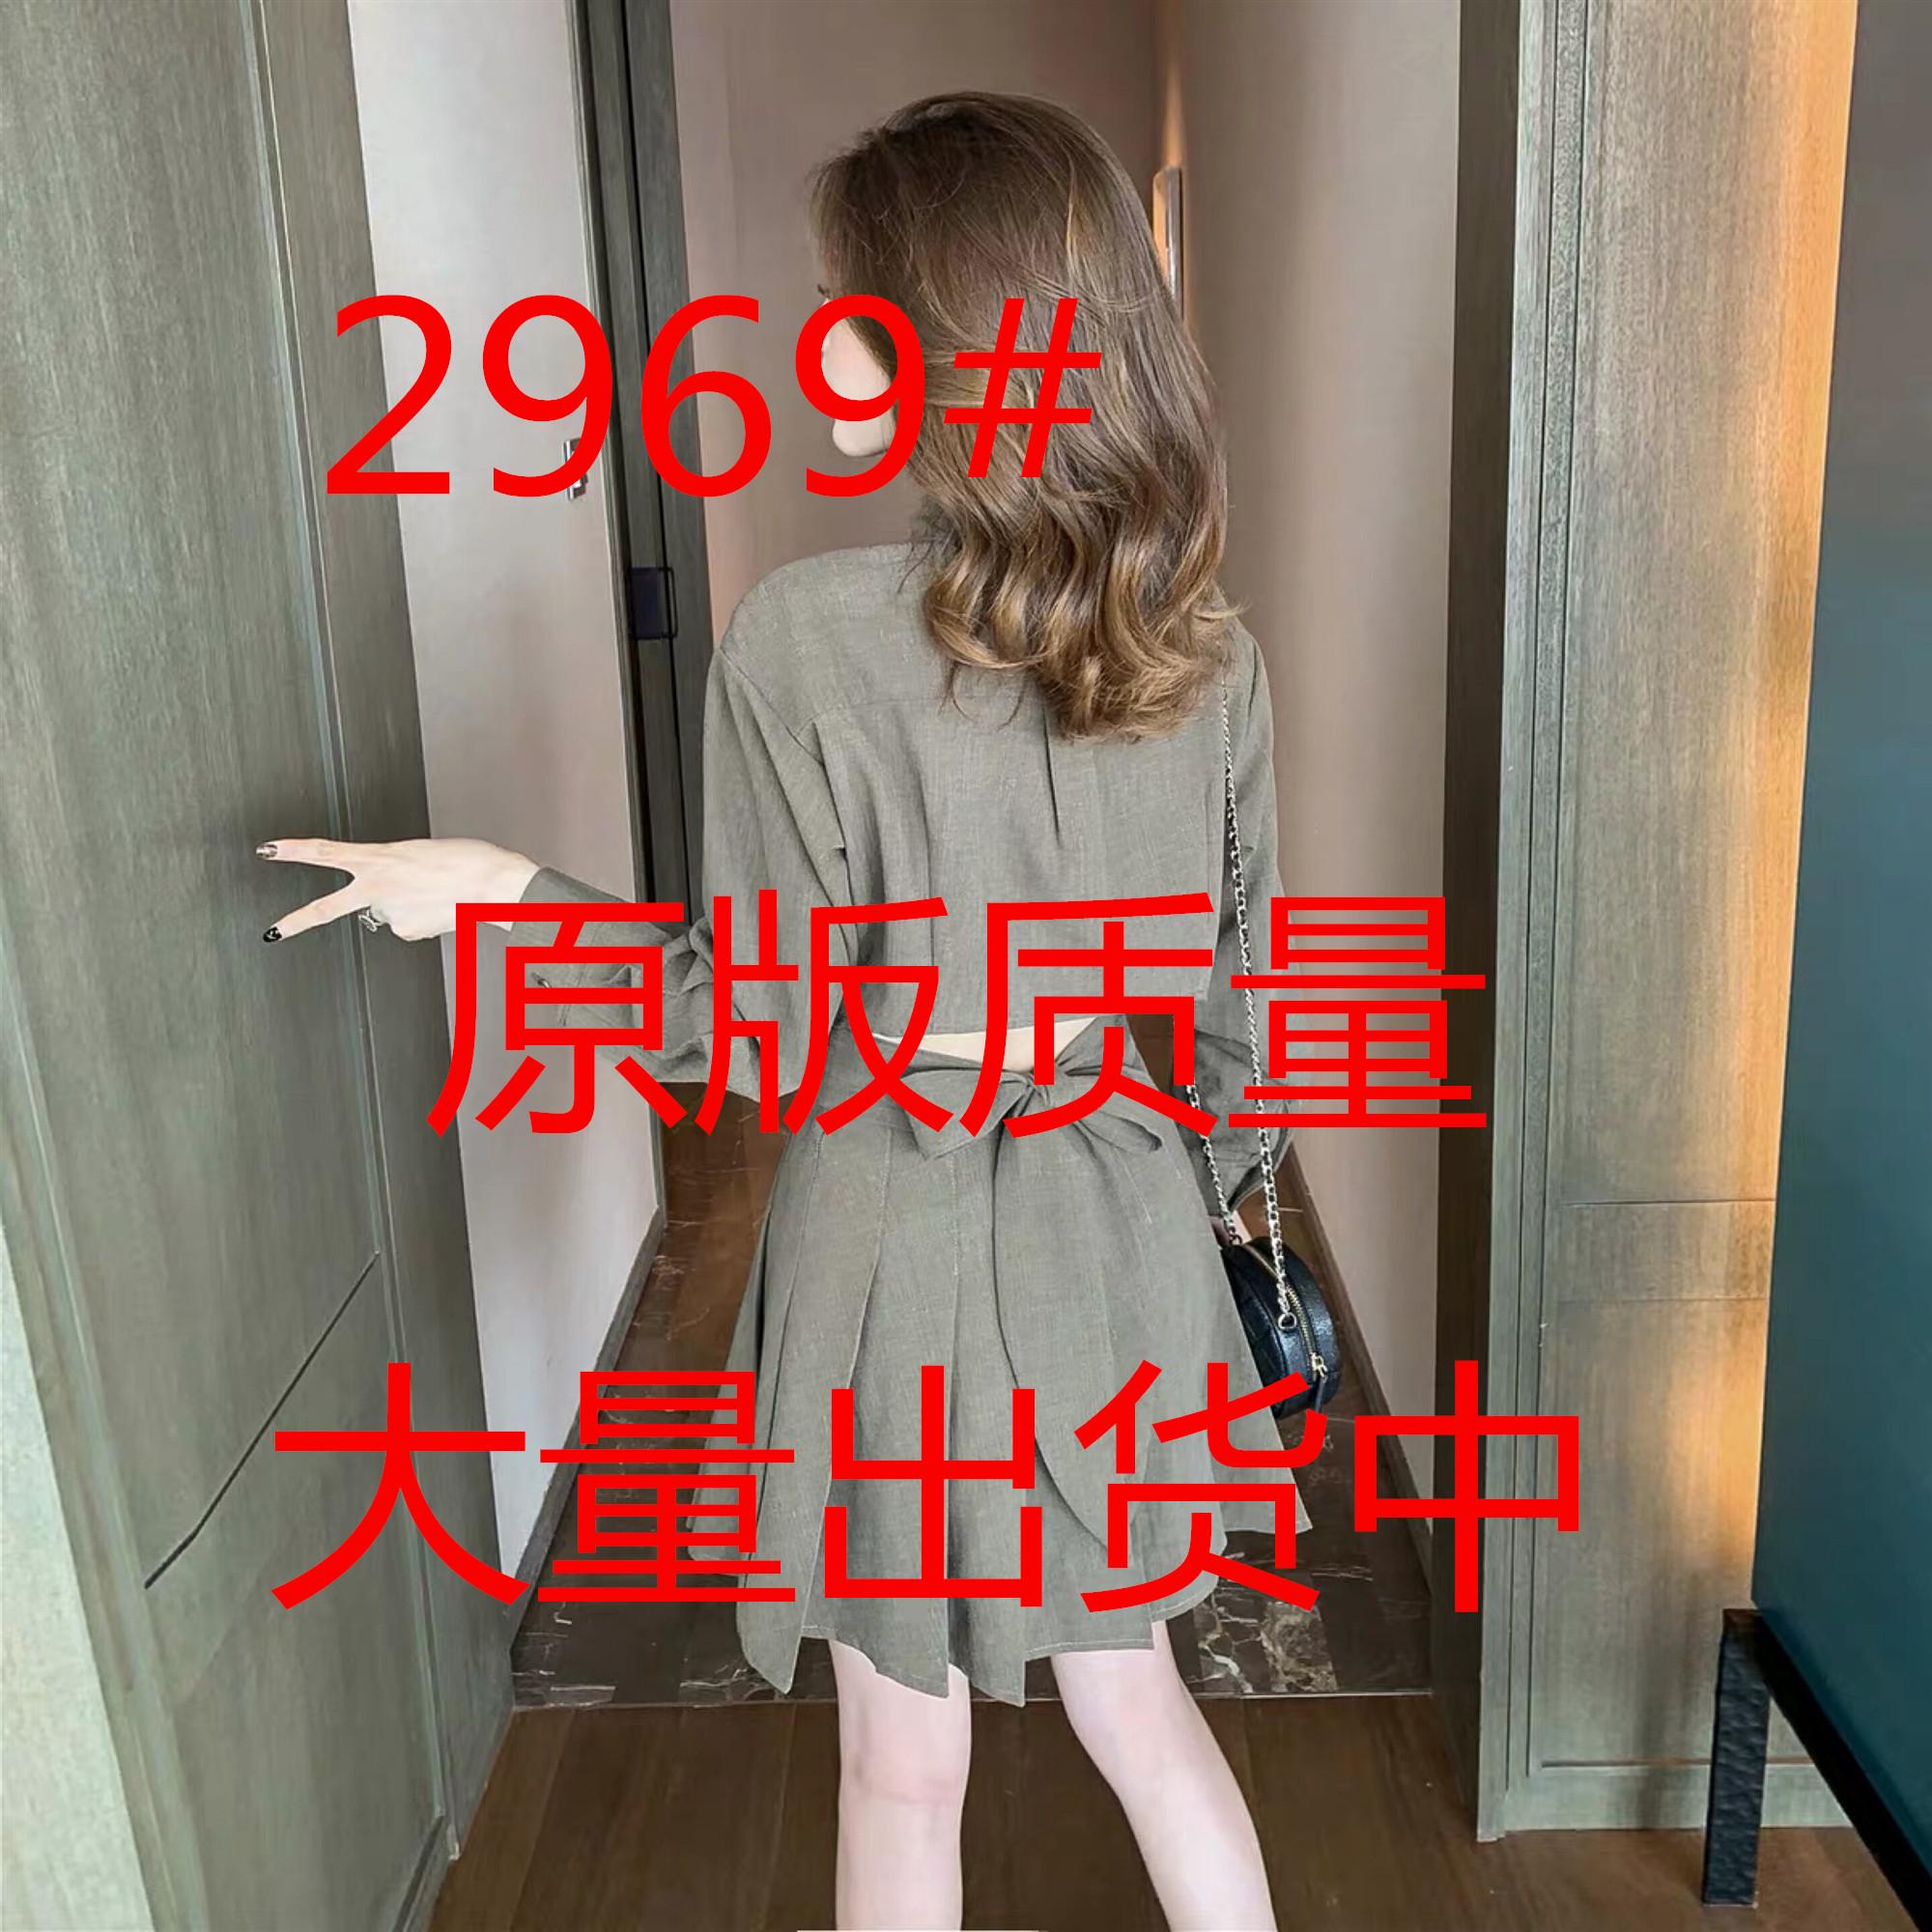 9.24新品 0點上新Polo領綁帶襯衣高腰百褶半身裙套裝